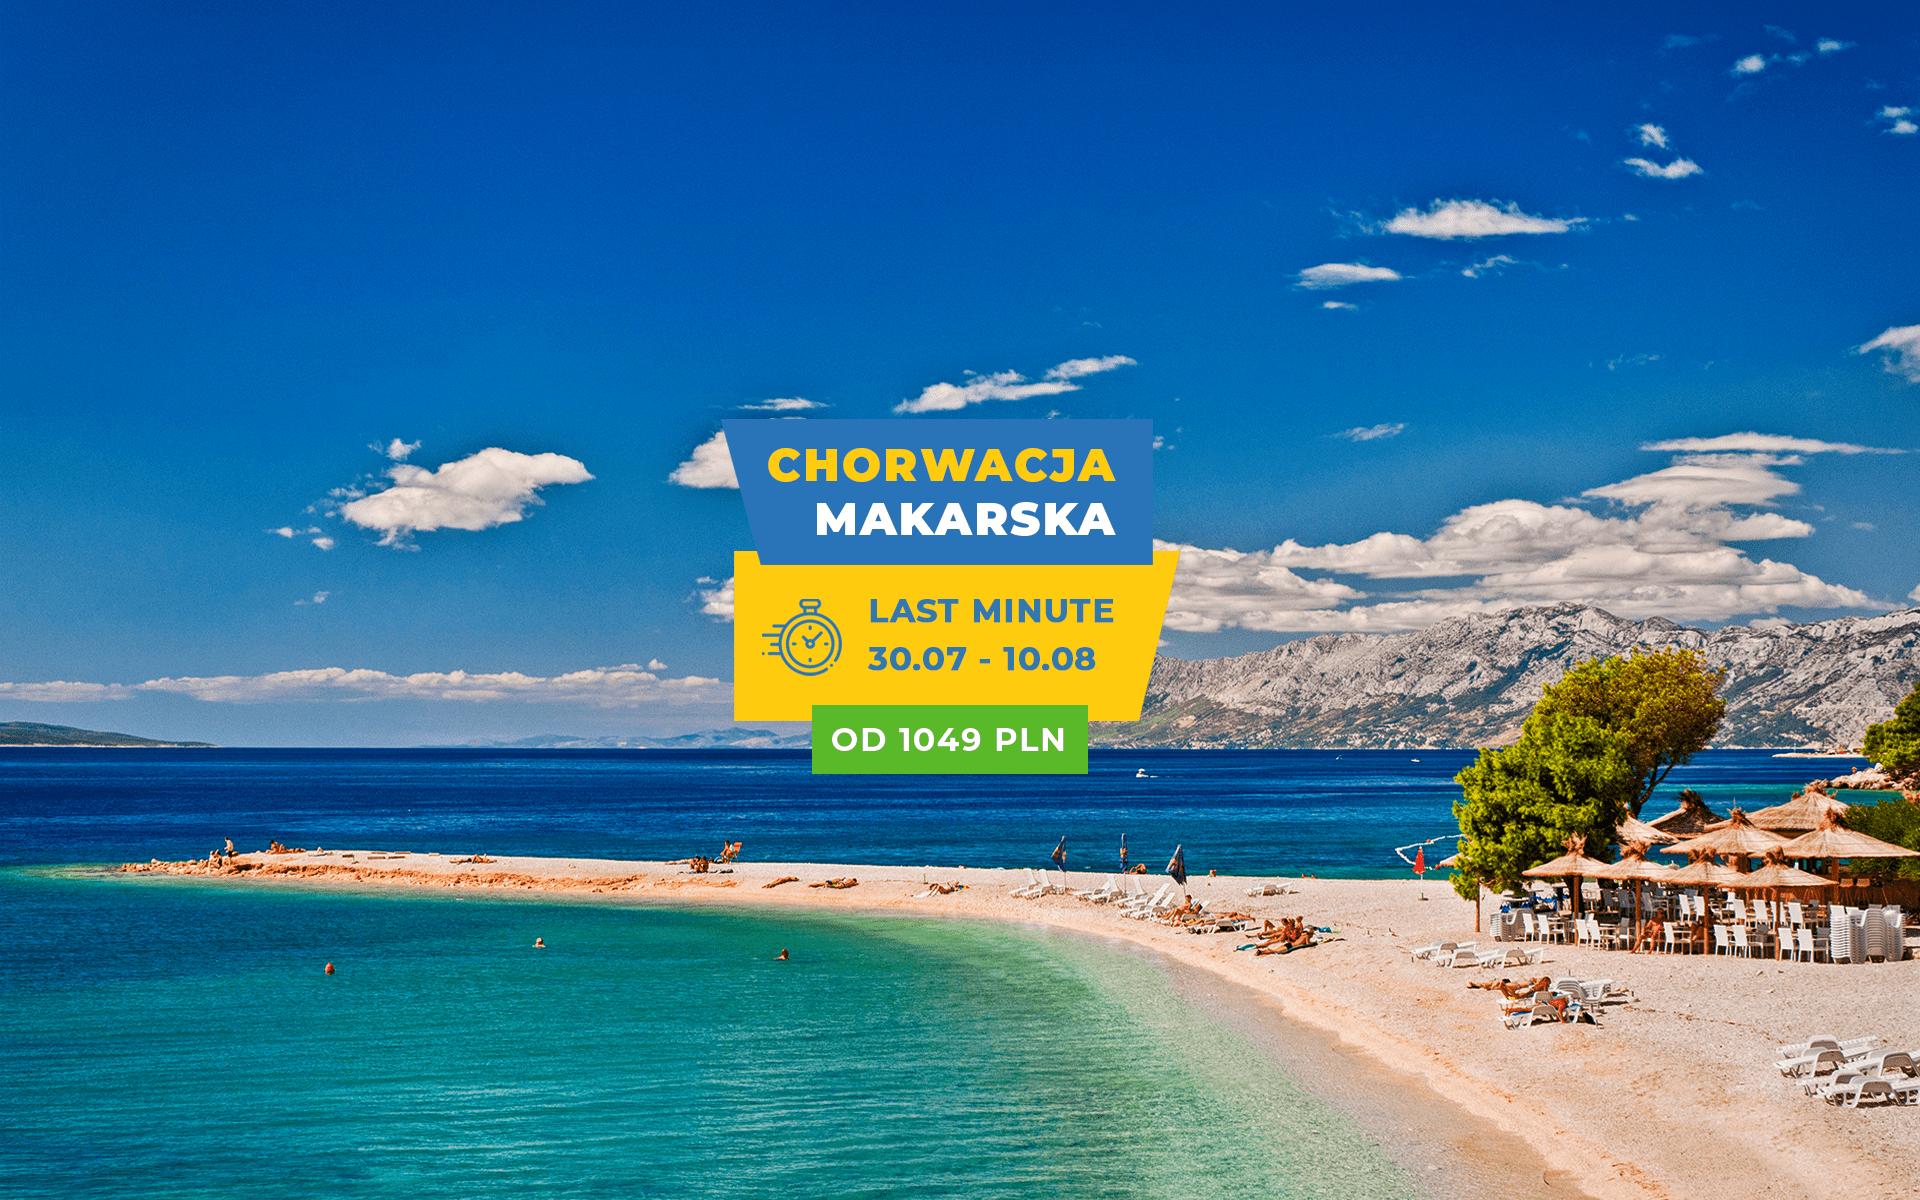 Wczasy Chorwacja Makarska LAST MINUTE 30.07 – 10.08.2019, teraz 100zł TANIEJ